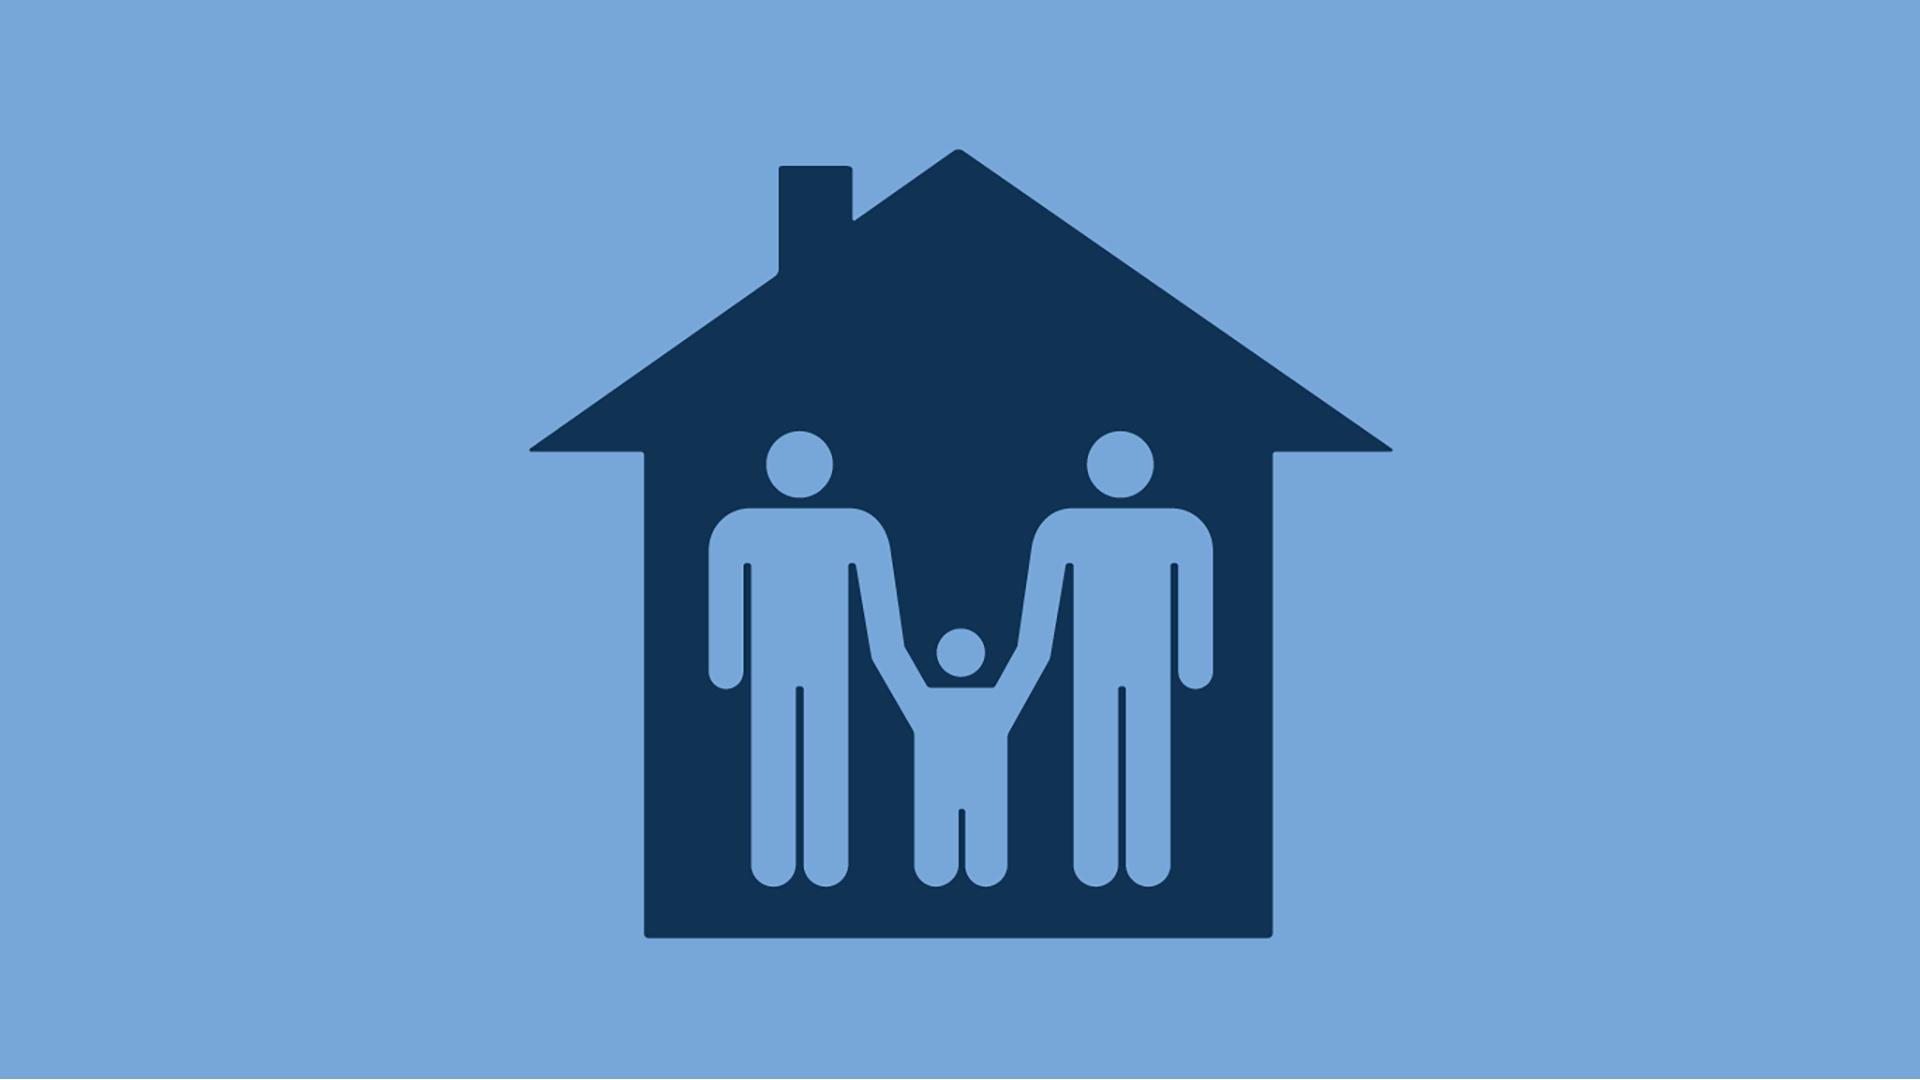 Đối với các nhà cung cấp dịch vụ cho người vô gia cư